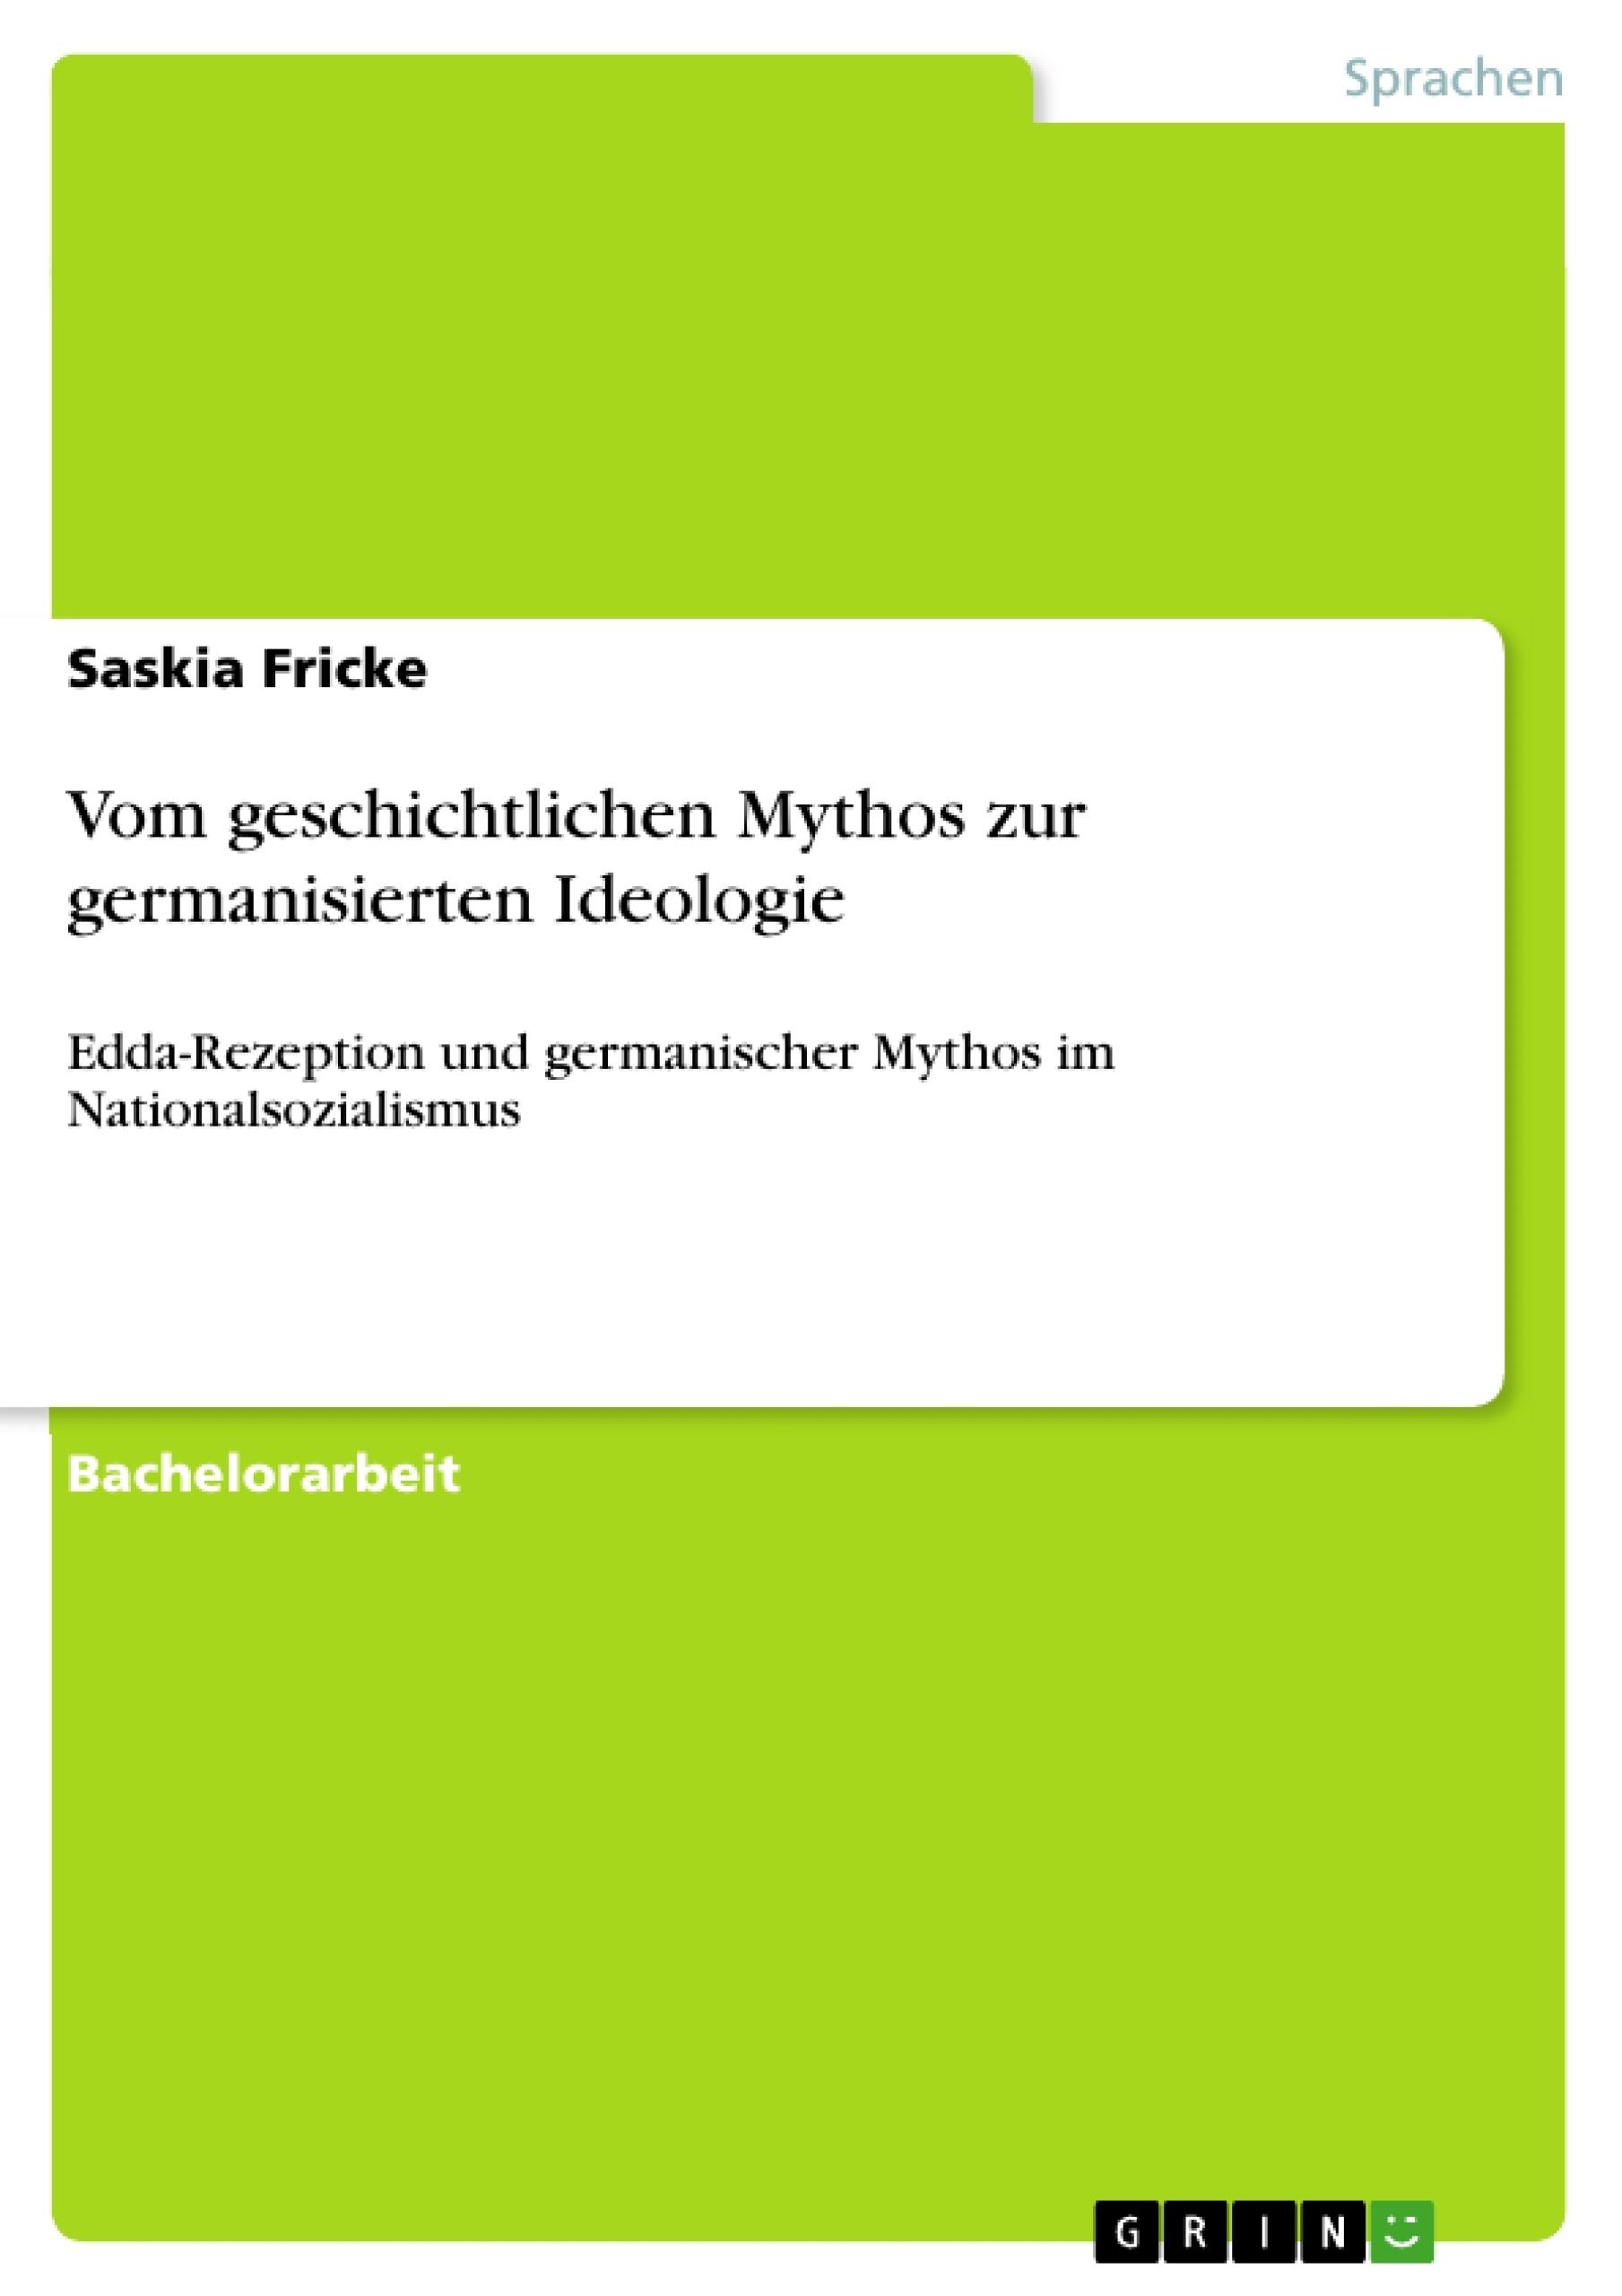 Titel: Vom geschichtlichen Mythos zur germanisierten Ideologie